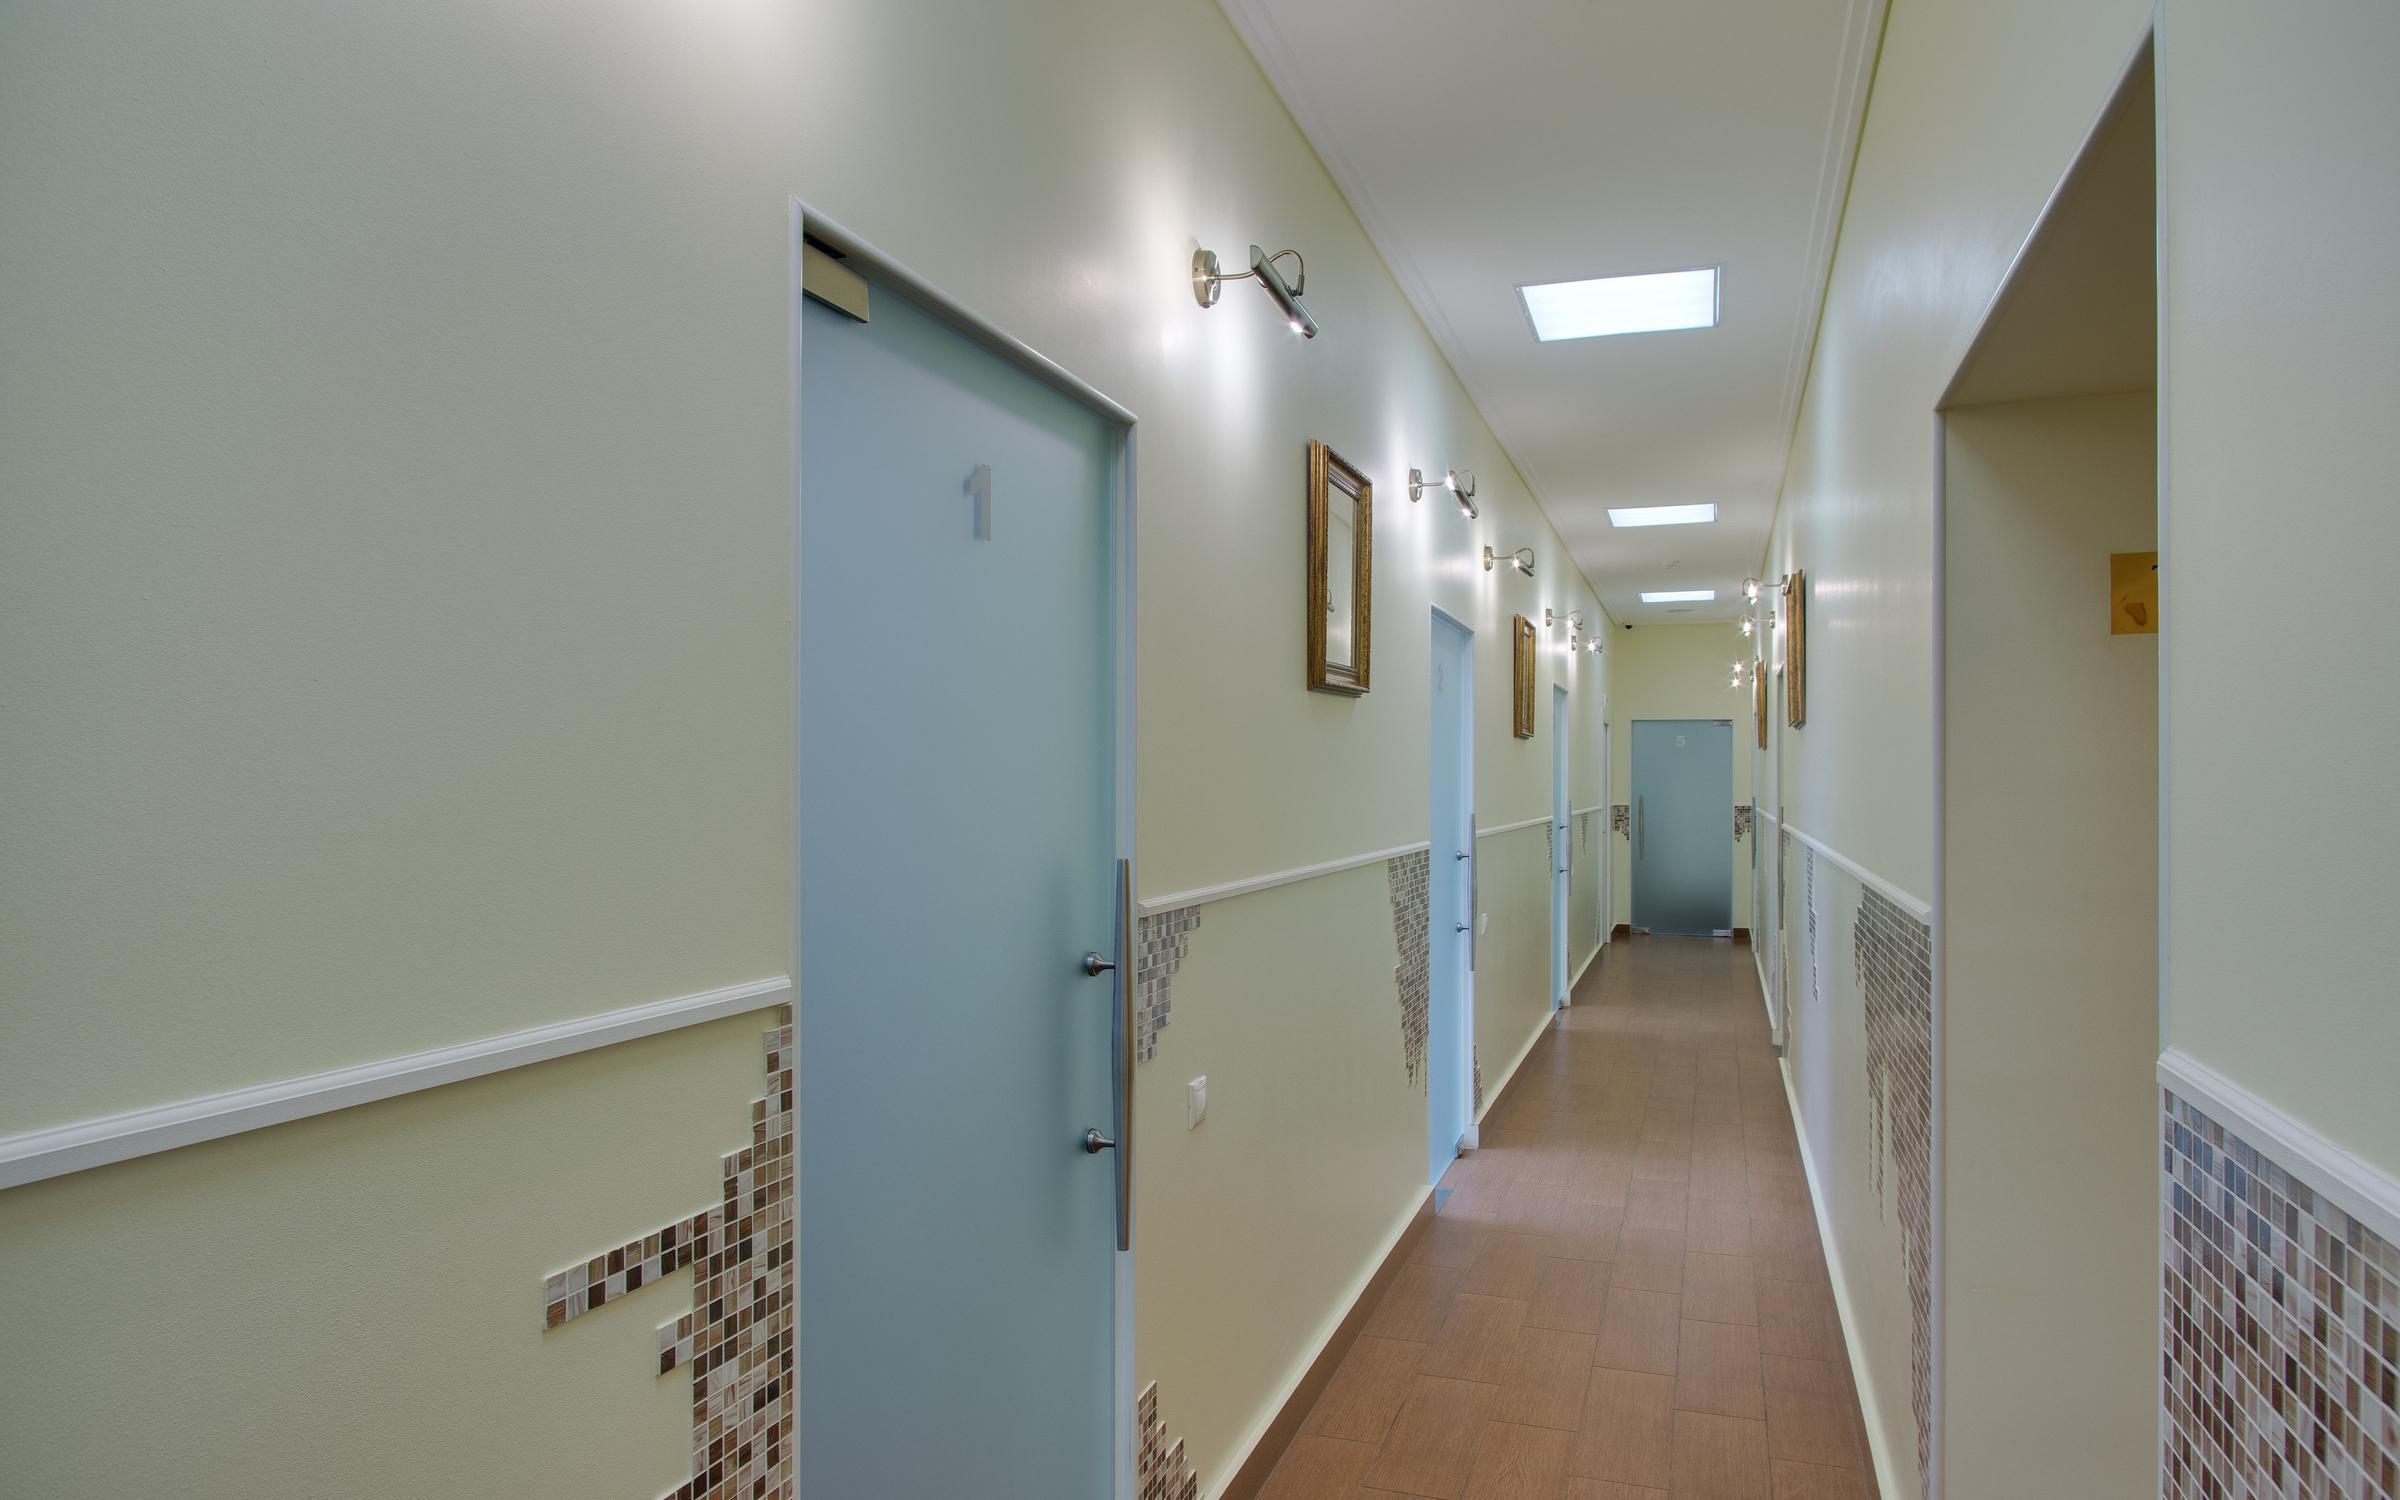 Улица шереметьевская больница